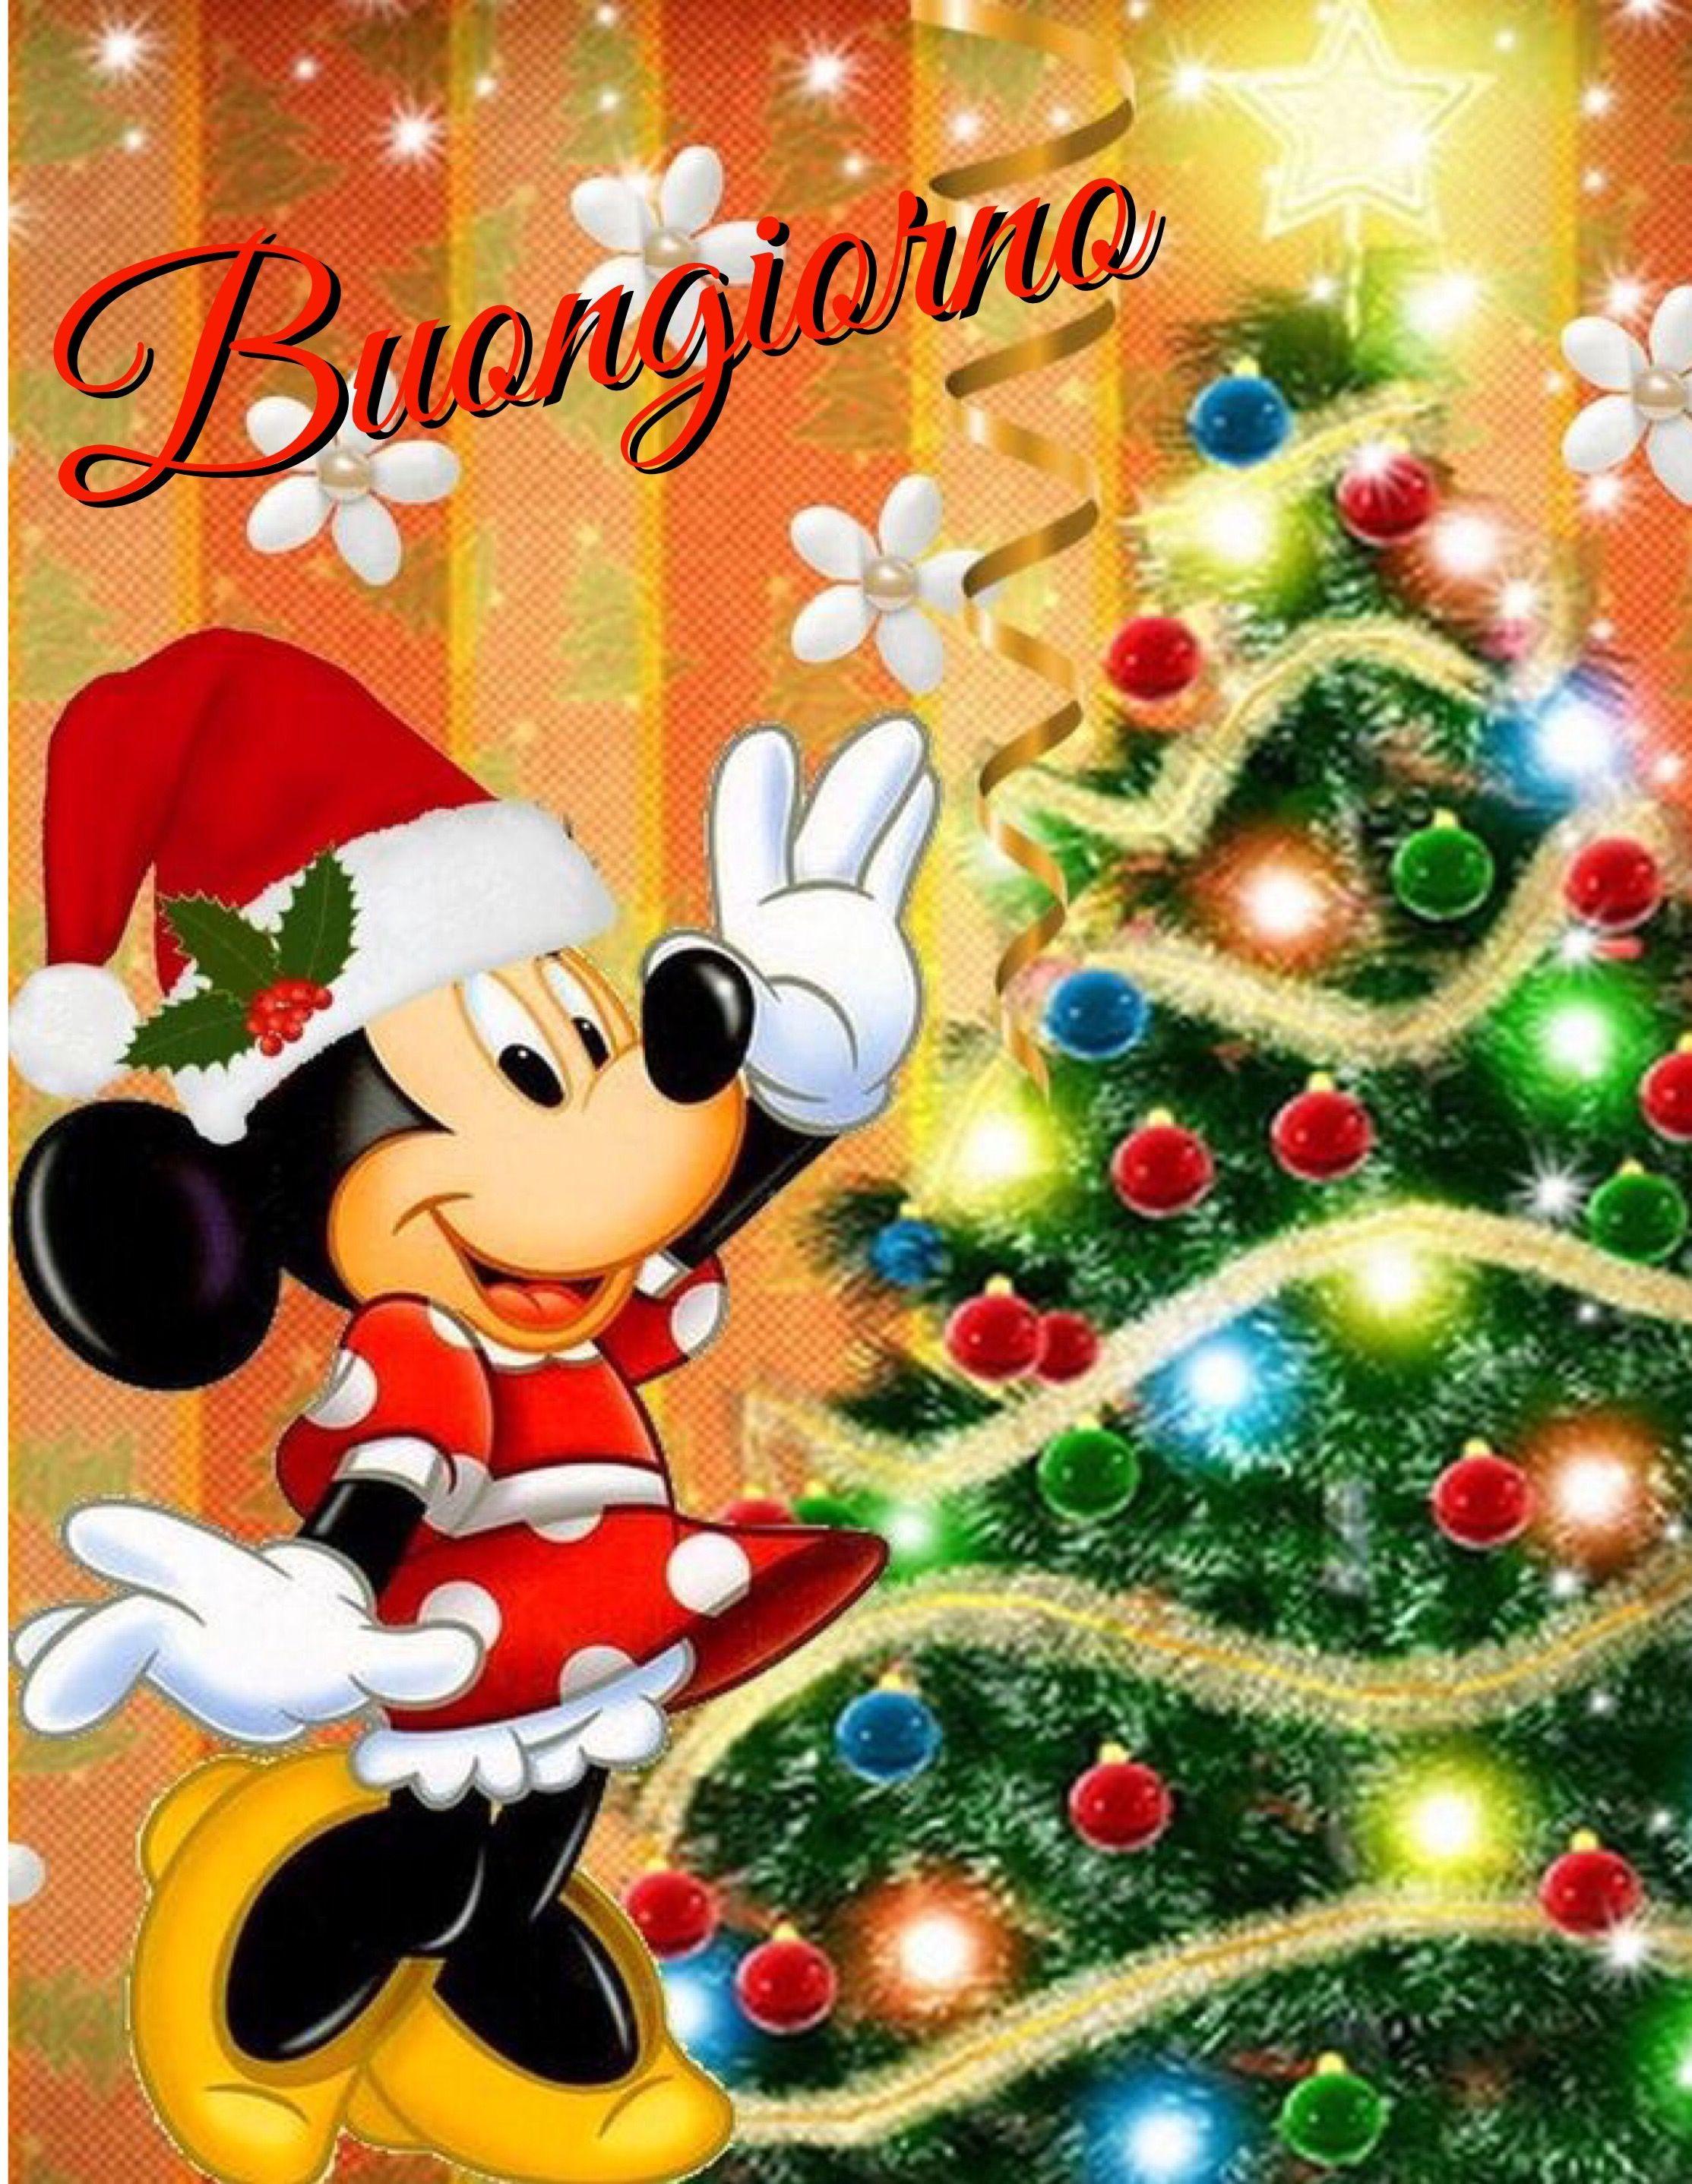 Buongiorno buon giorno italia for Immagini divertenti venerdi